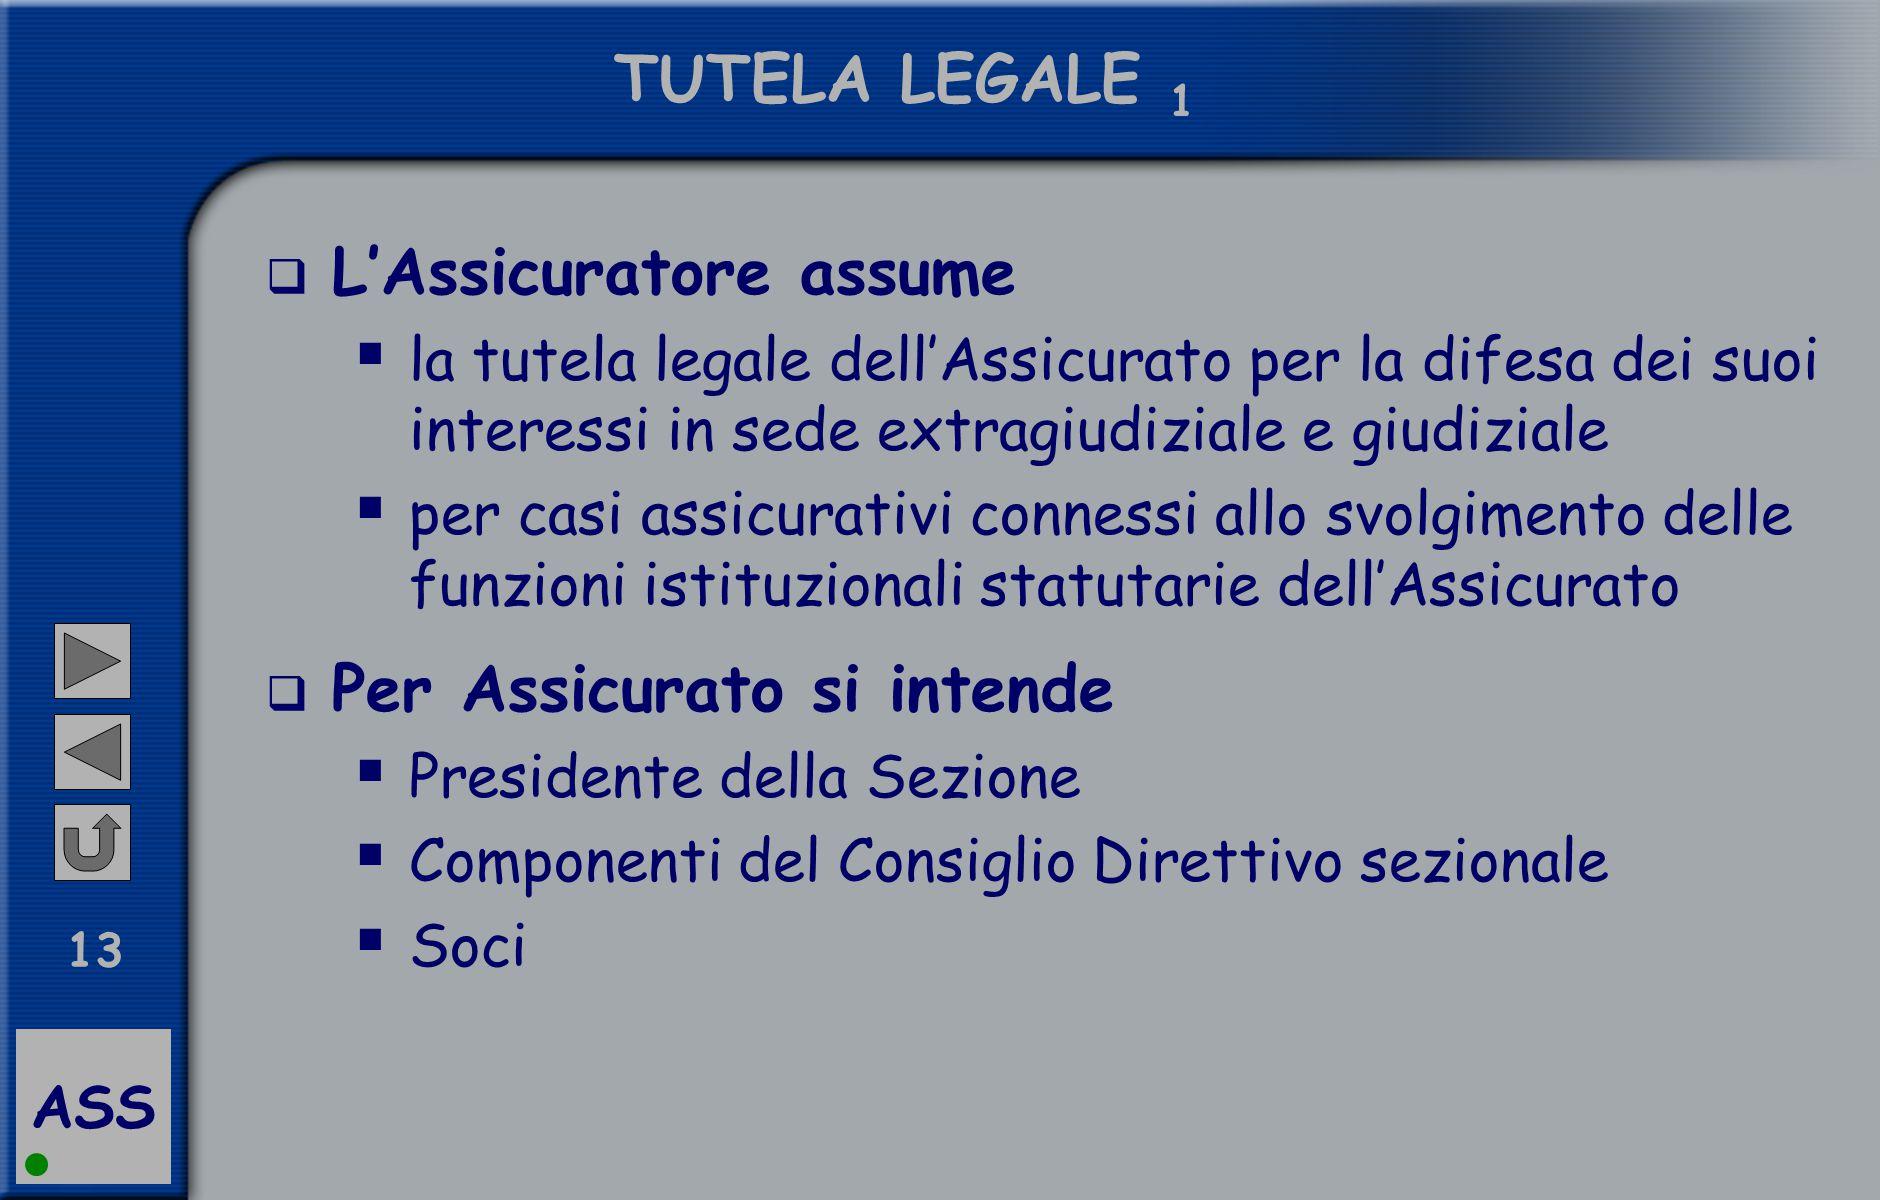 ASS 13 TUTELA LEGALE 1  L'Assicuratore assume  la tutela legale dell'Assicurato per la difesa dei suoi interessi in sede extragiudiziale e giudizial